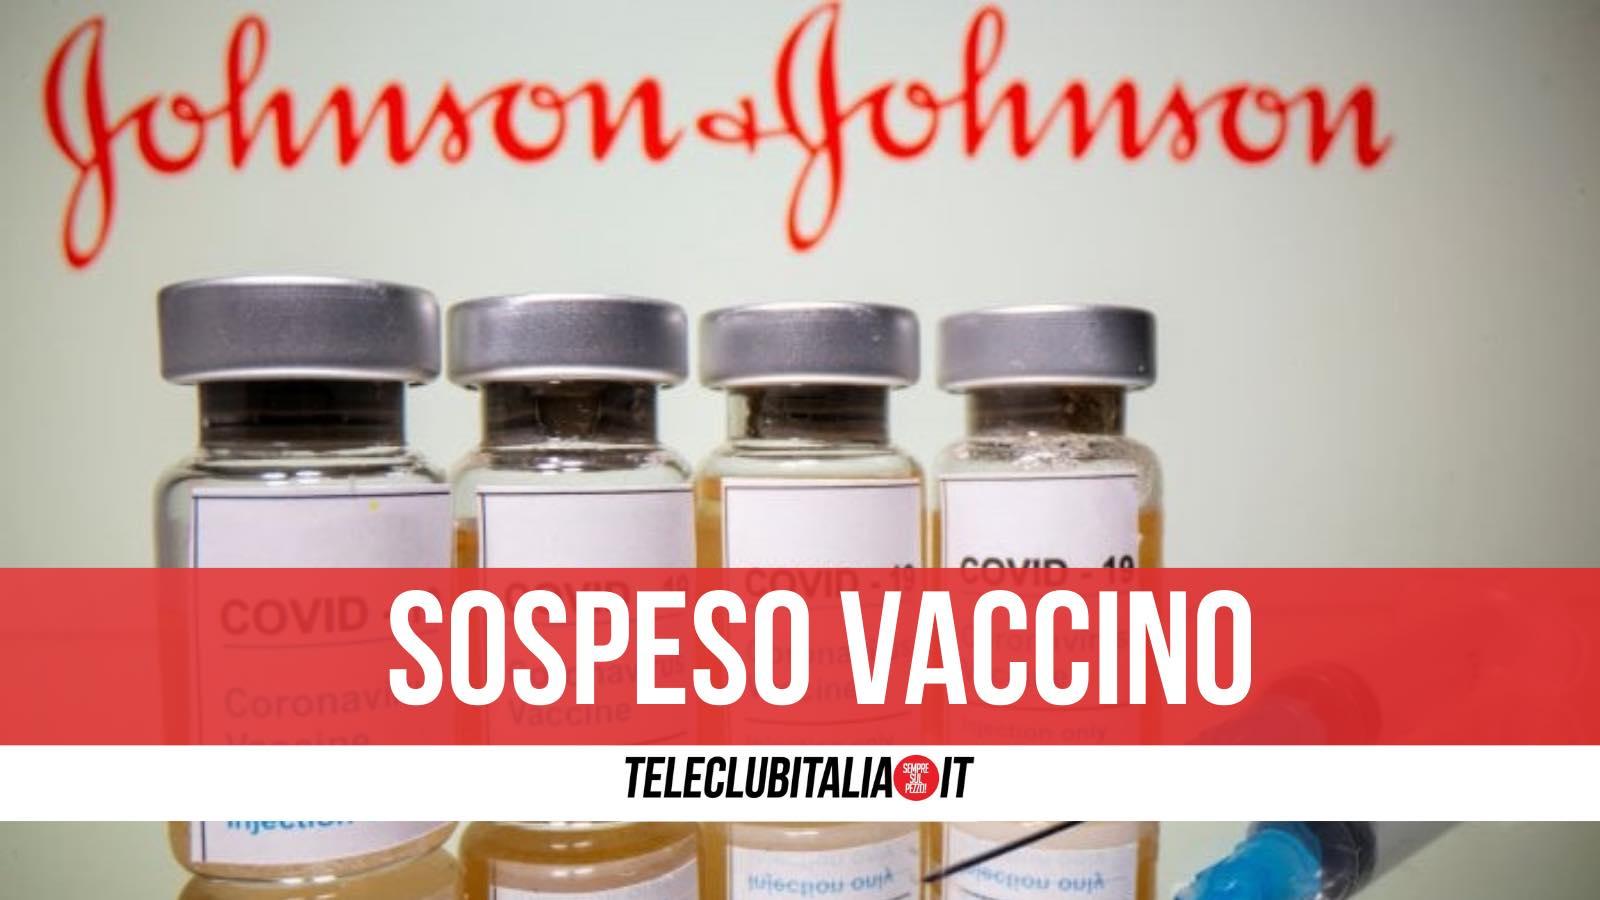 sospeso stati uniti vaccino johnson e johnson